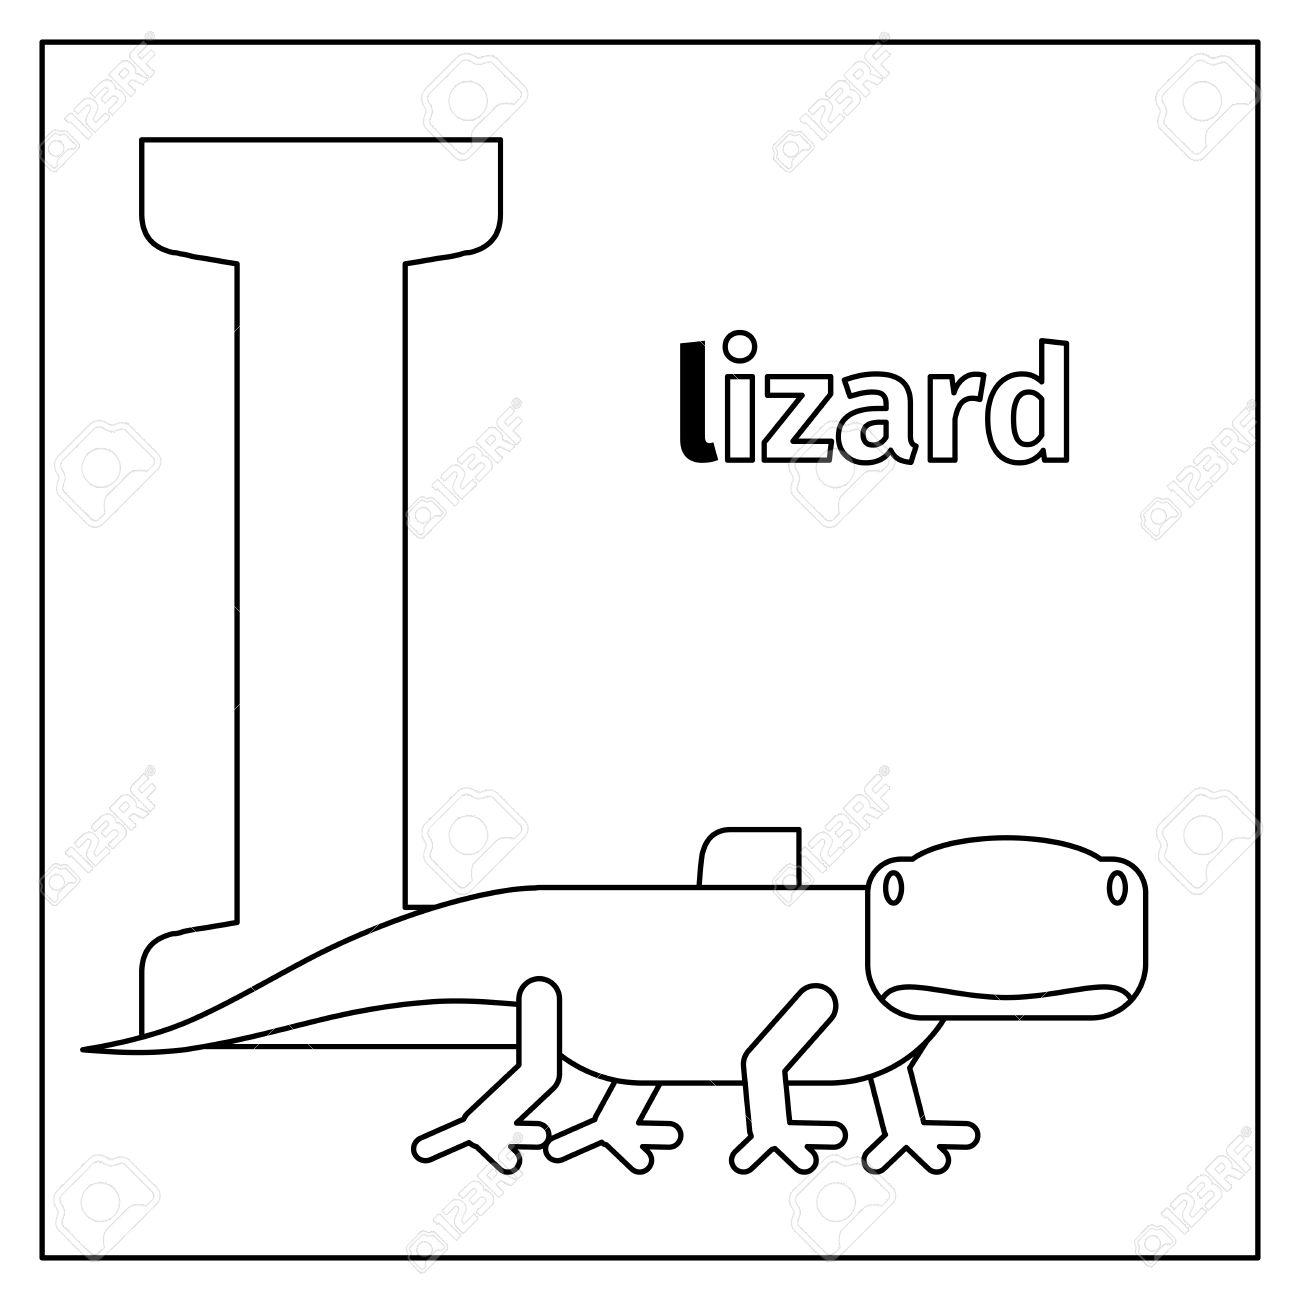 Dibujo Para Colorear O Tarjeta Para Los Niños Con Alfabeto Inglés Animales Del Zoo Letra L Ilustración Vectorial Lizard